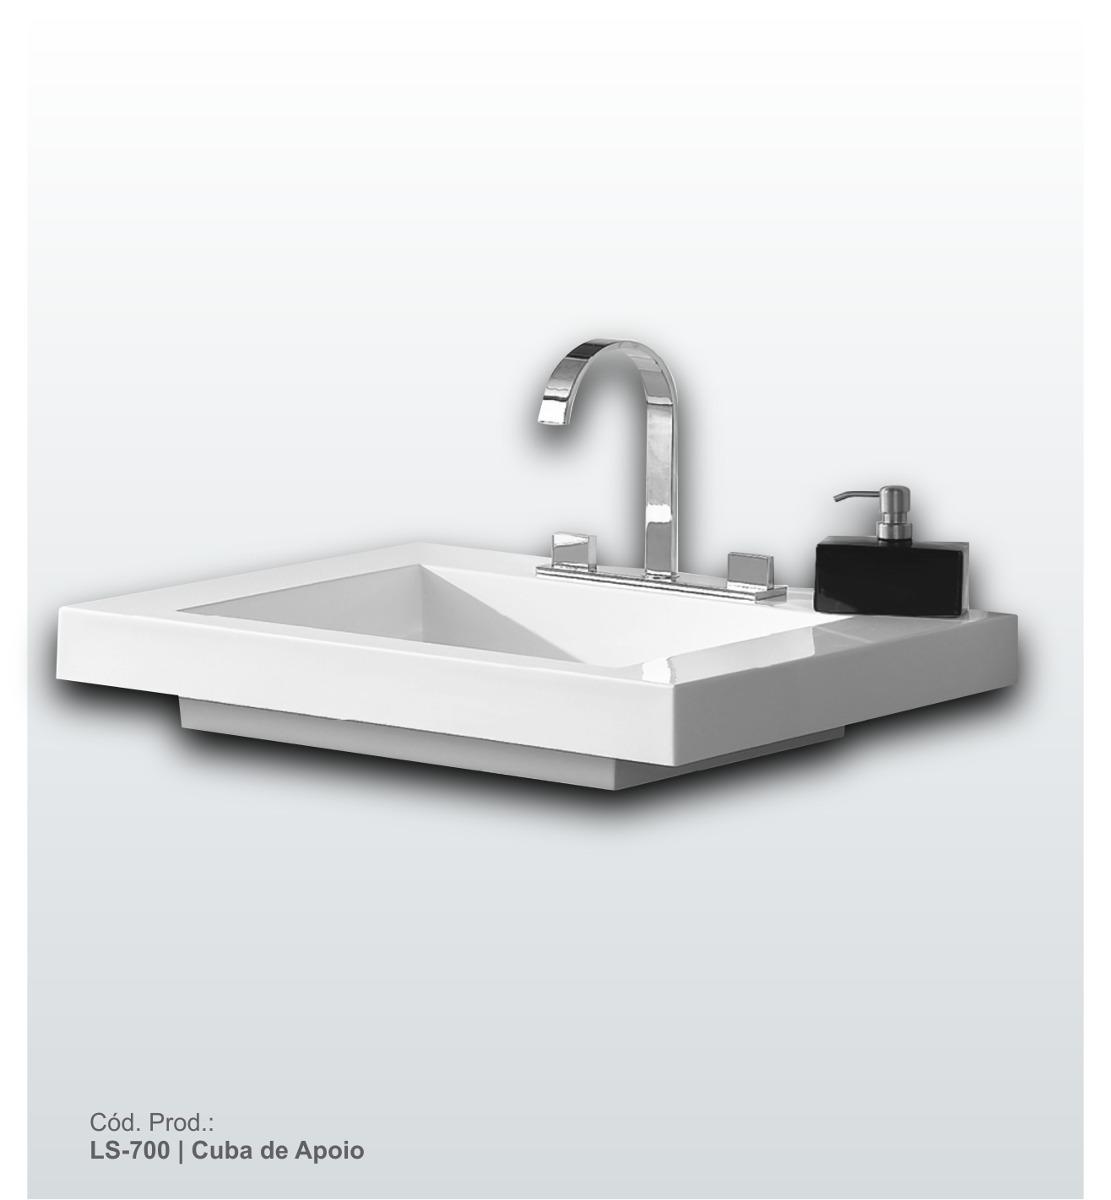 Banheiro Modelo Squadre Ks704 04 Peças R$ 1.125 00 em Mercado #5B6570 1111x1200 Armario Banheiro Mercado Livre